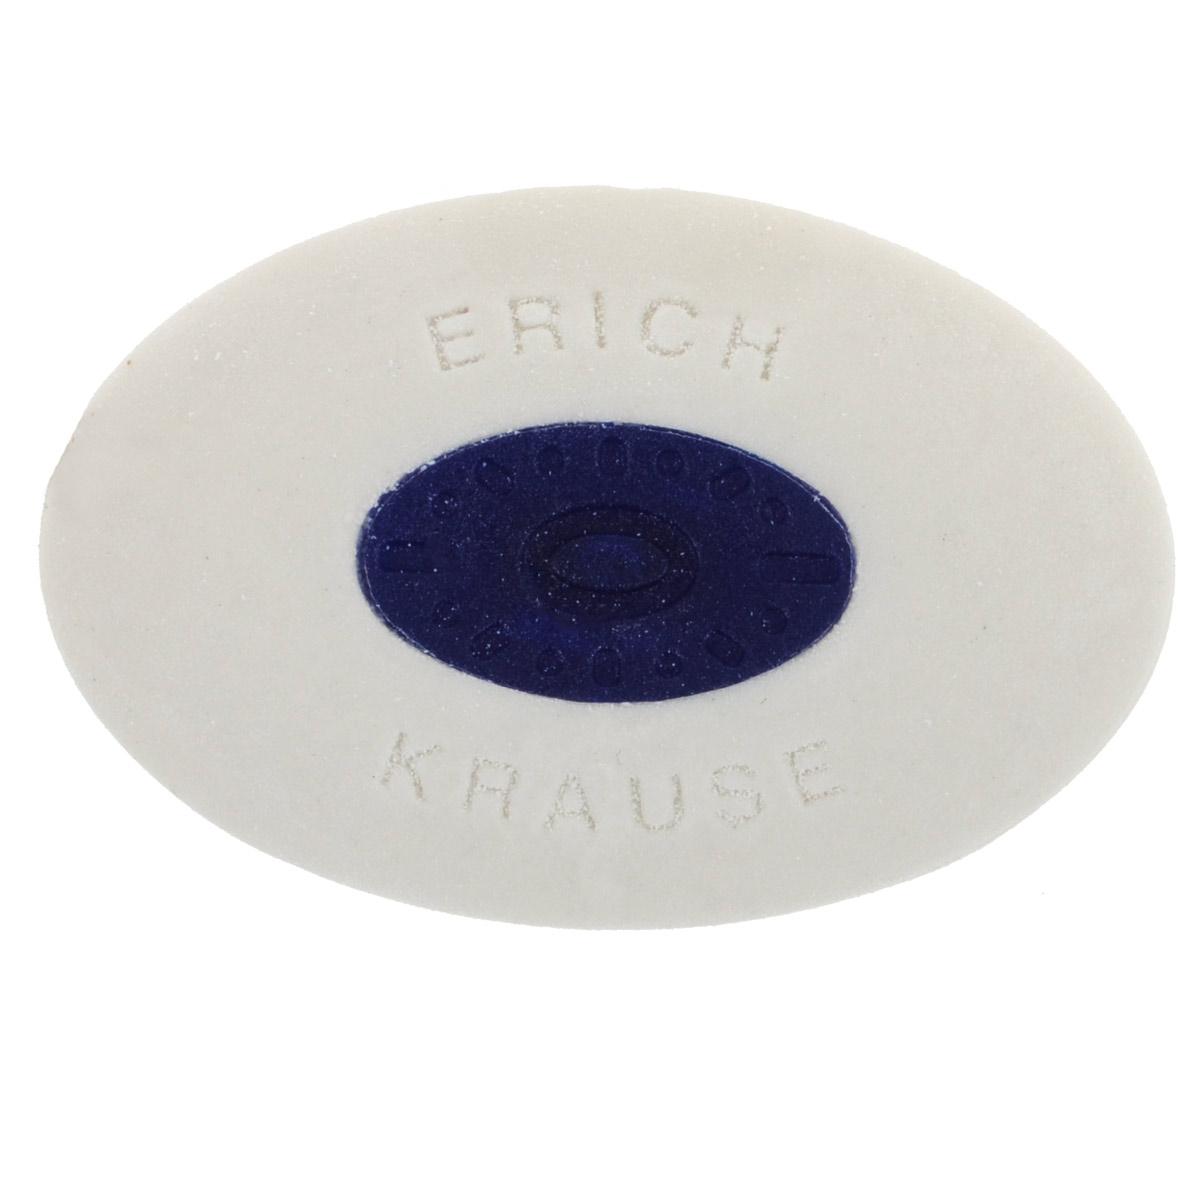 Ластик Erich Krause Smart, центровкой, цвет: белый58005Ластик Erich Krause Smart станет незаменимым аксессуаром на рабочем столе не только школьника или студента, но и офисного работника. Для удобства использования в центре расположена пластиковая вставка.